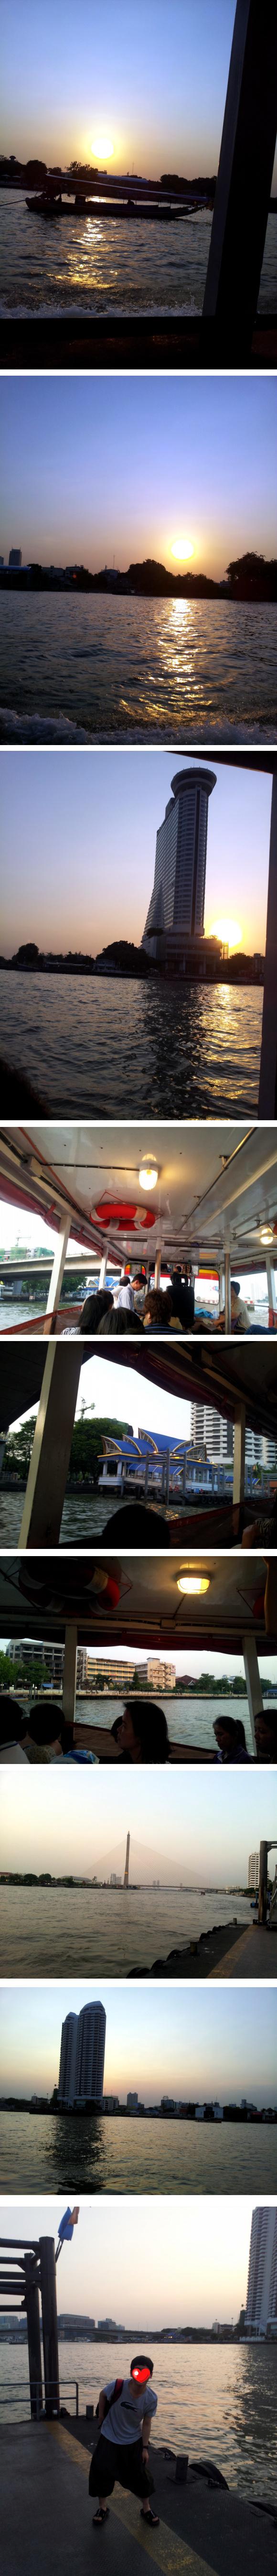 2012.혼자떠난 태국